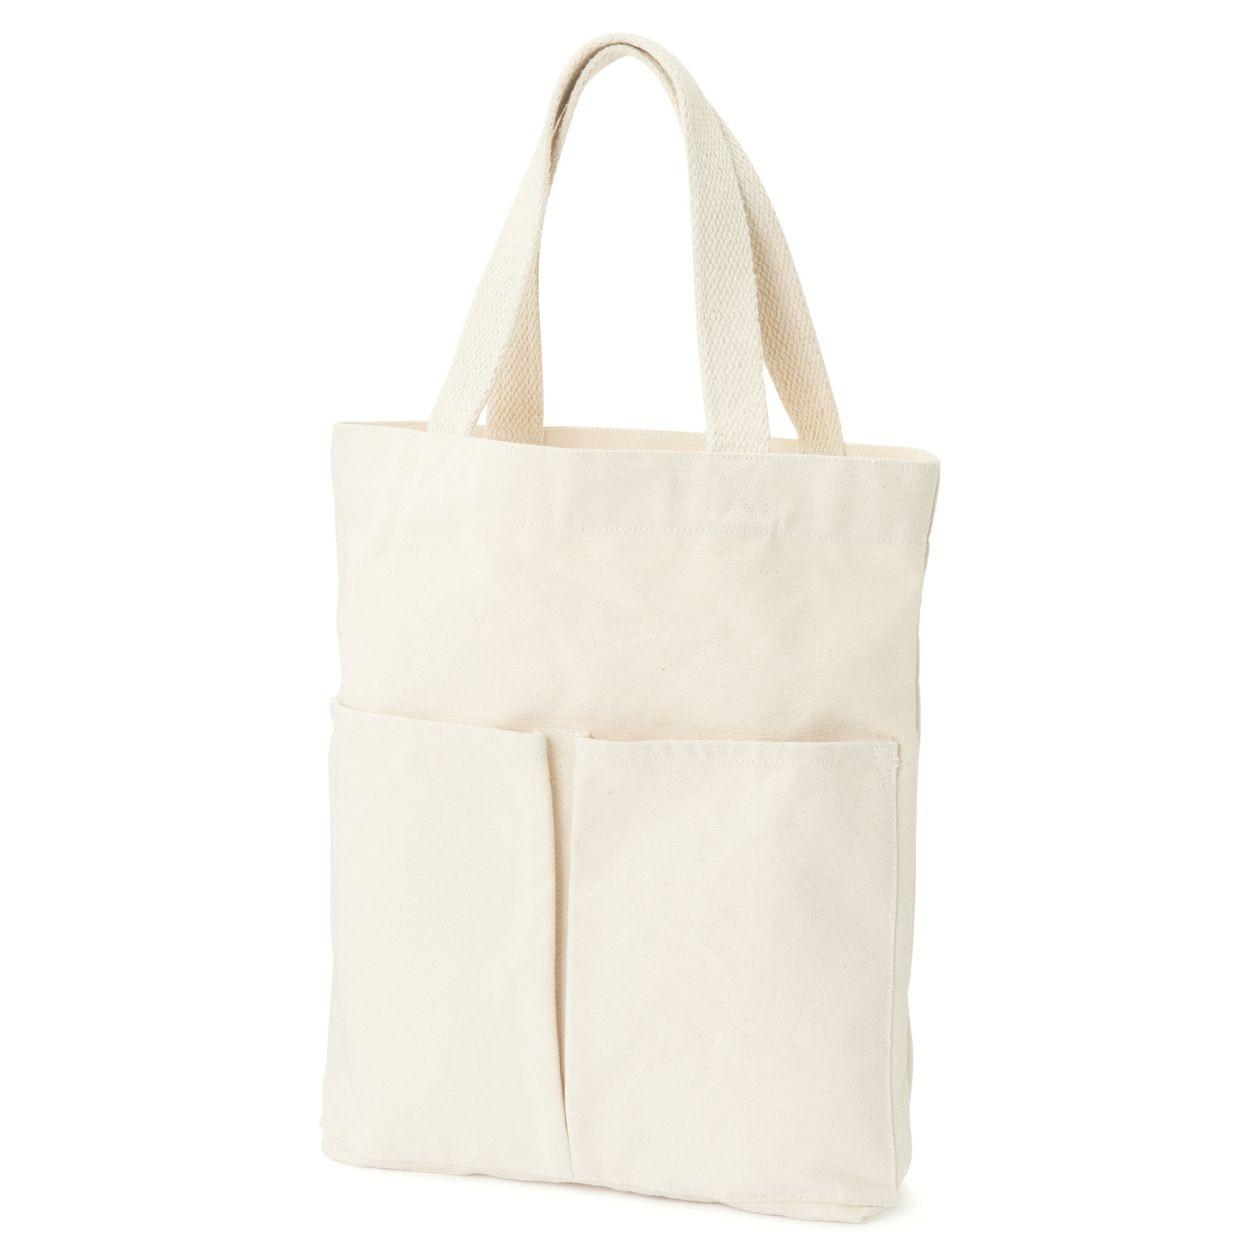 インド綿縦型マイトートバッグ